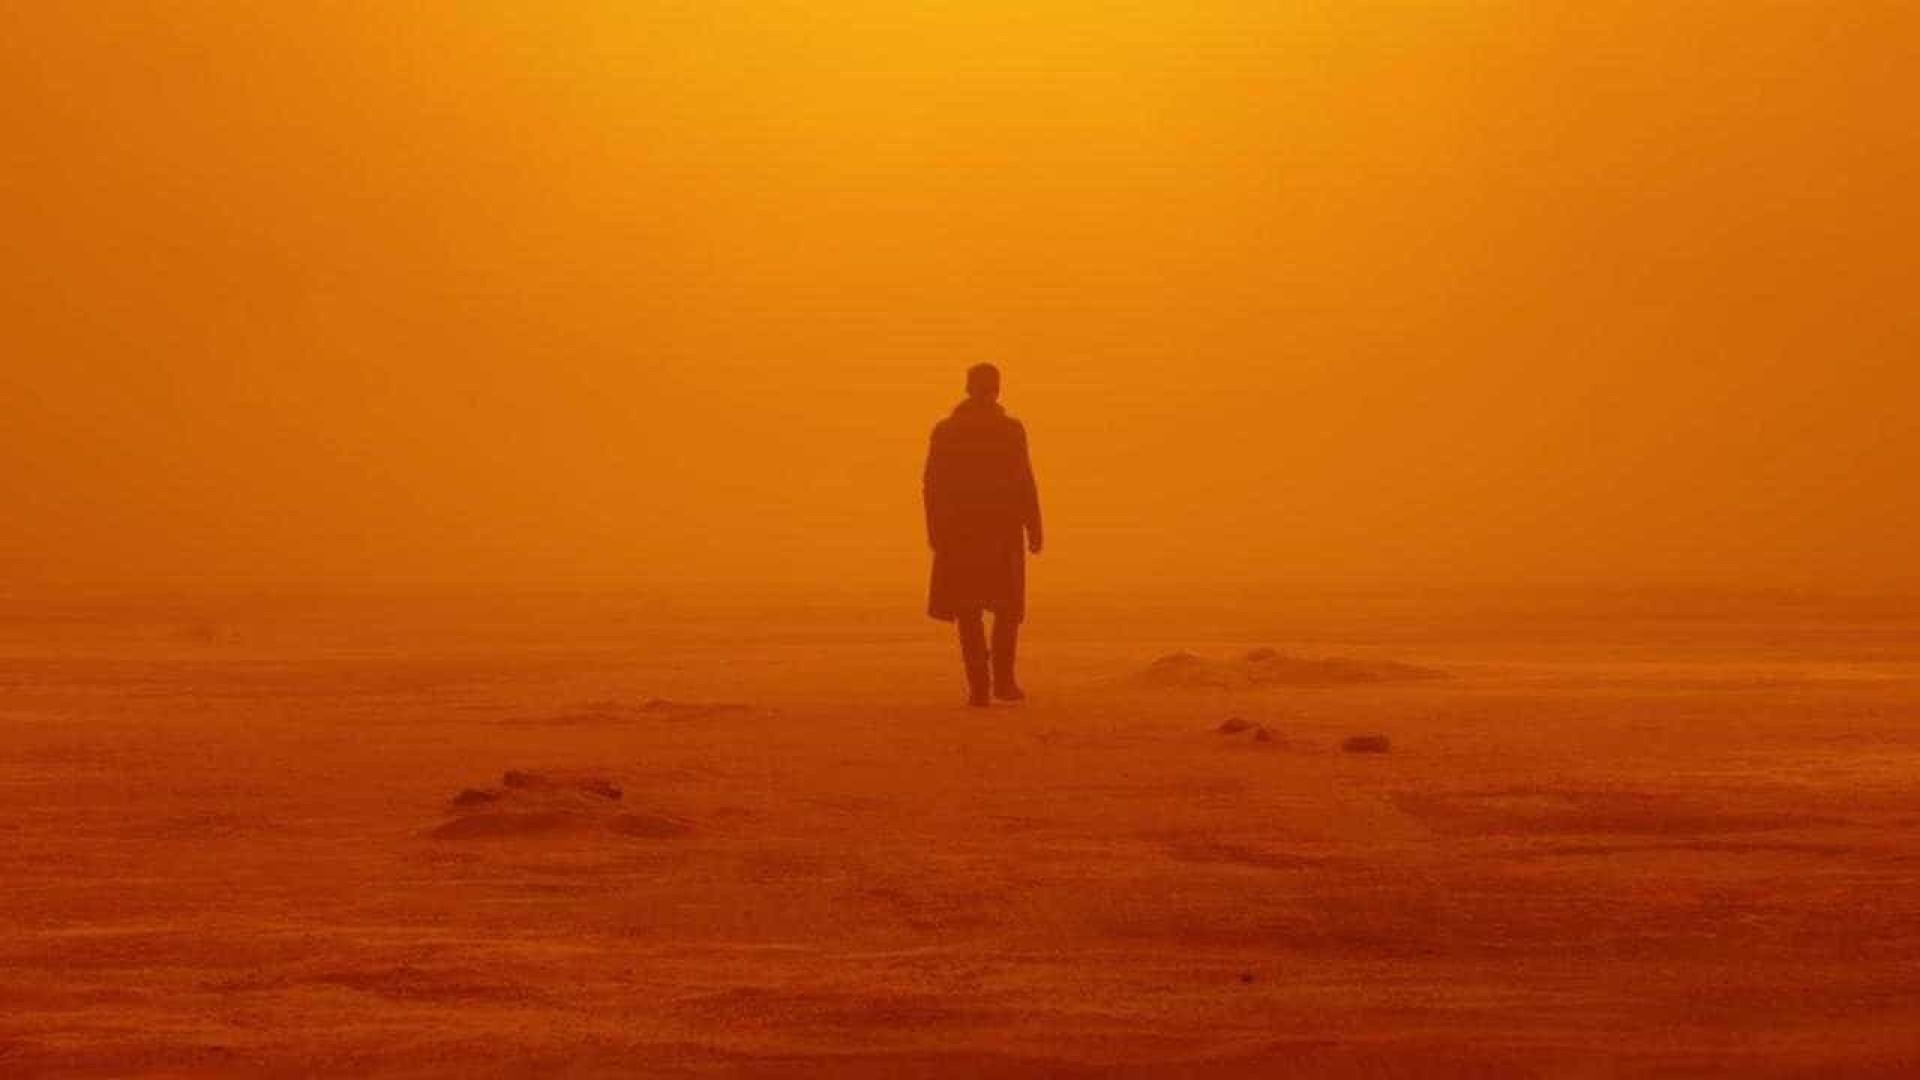 Com novo trailer, 'Blade Runner 2049' chega aos cinemas em outubro